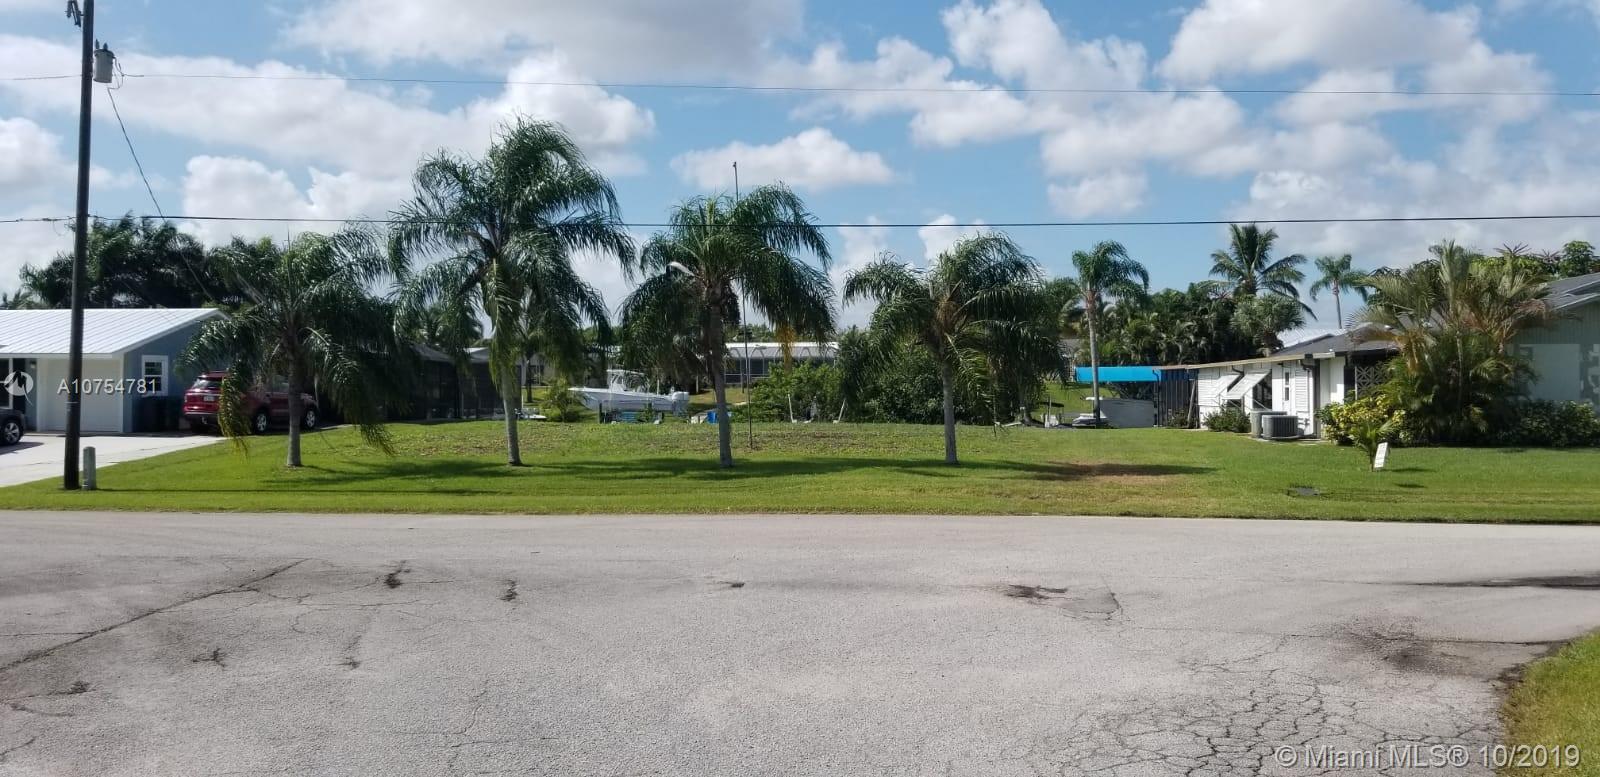 798 SE Seahouse Dr, Port St. Lucie, FL 34983